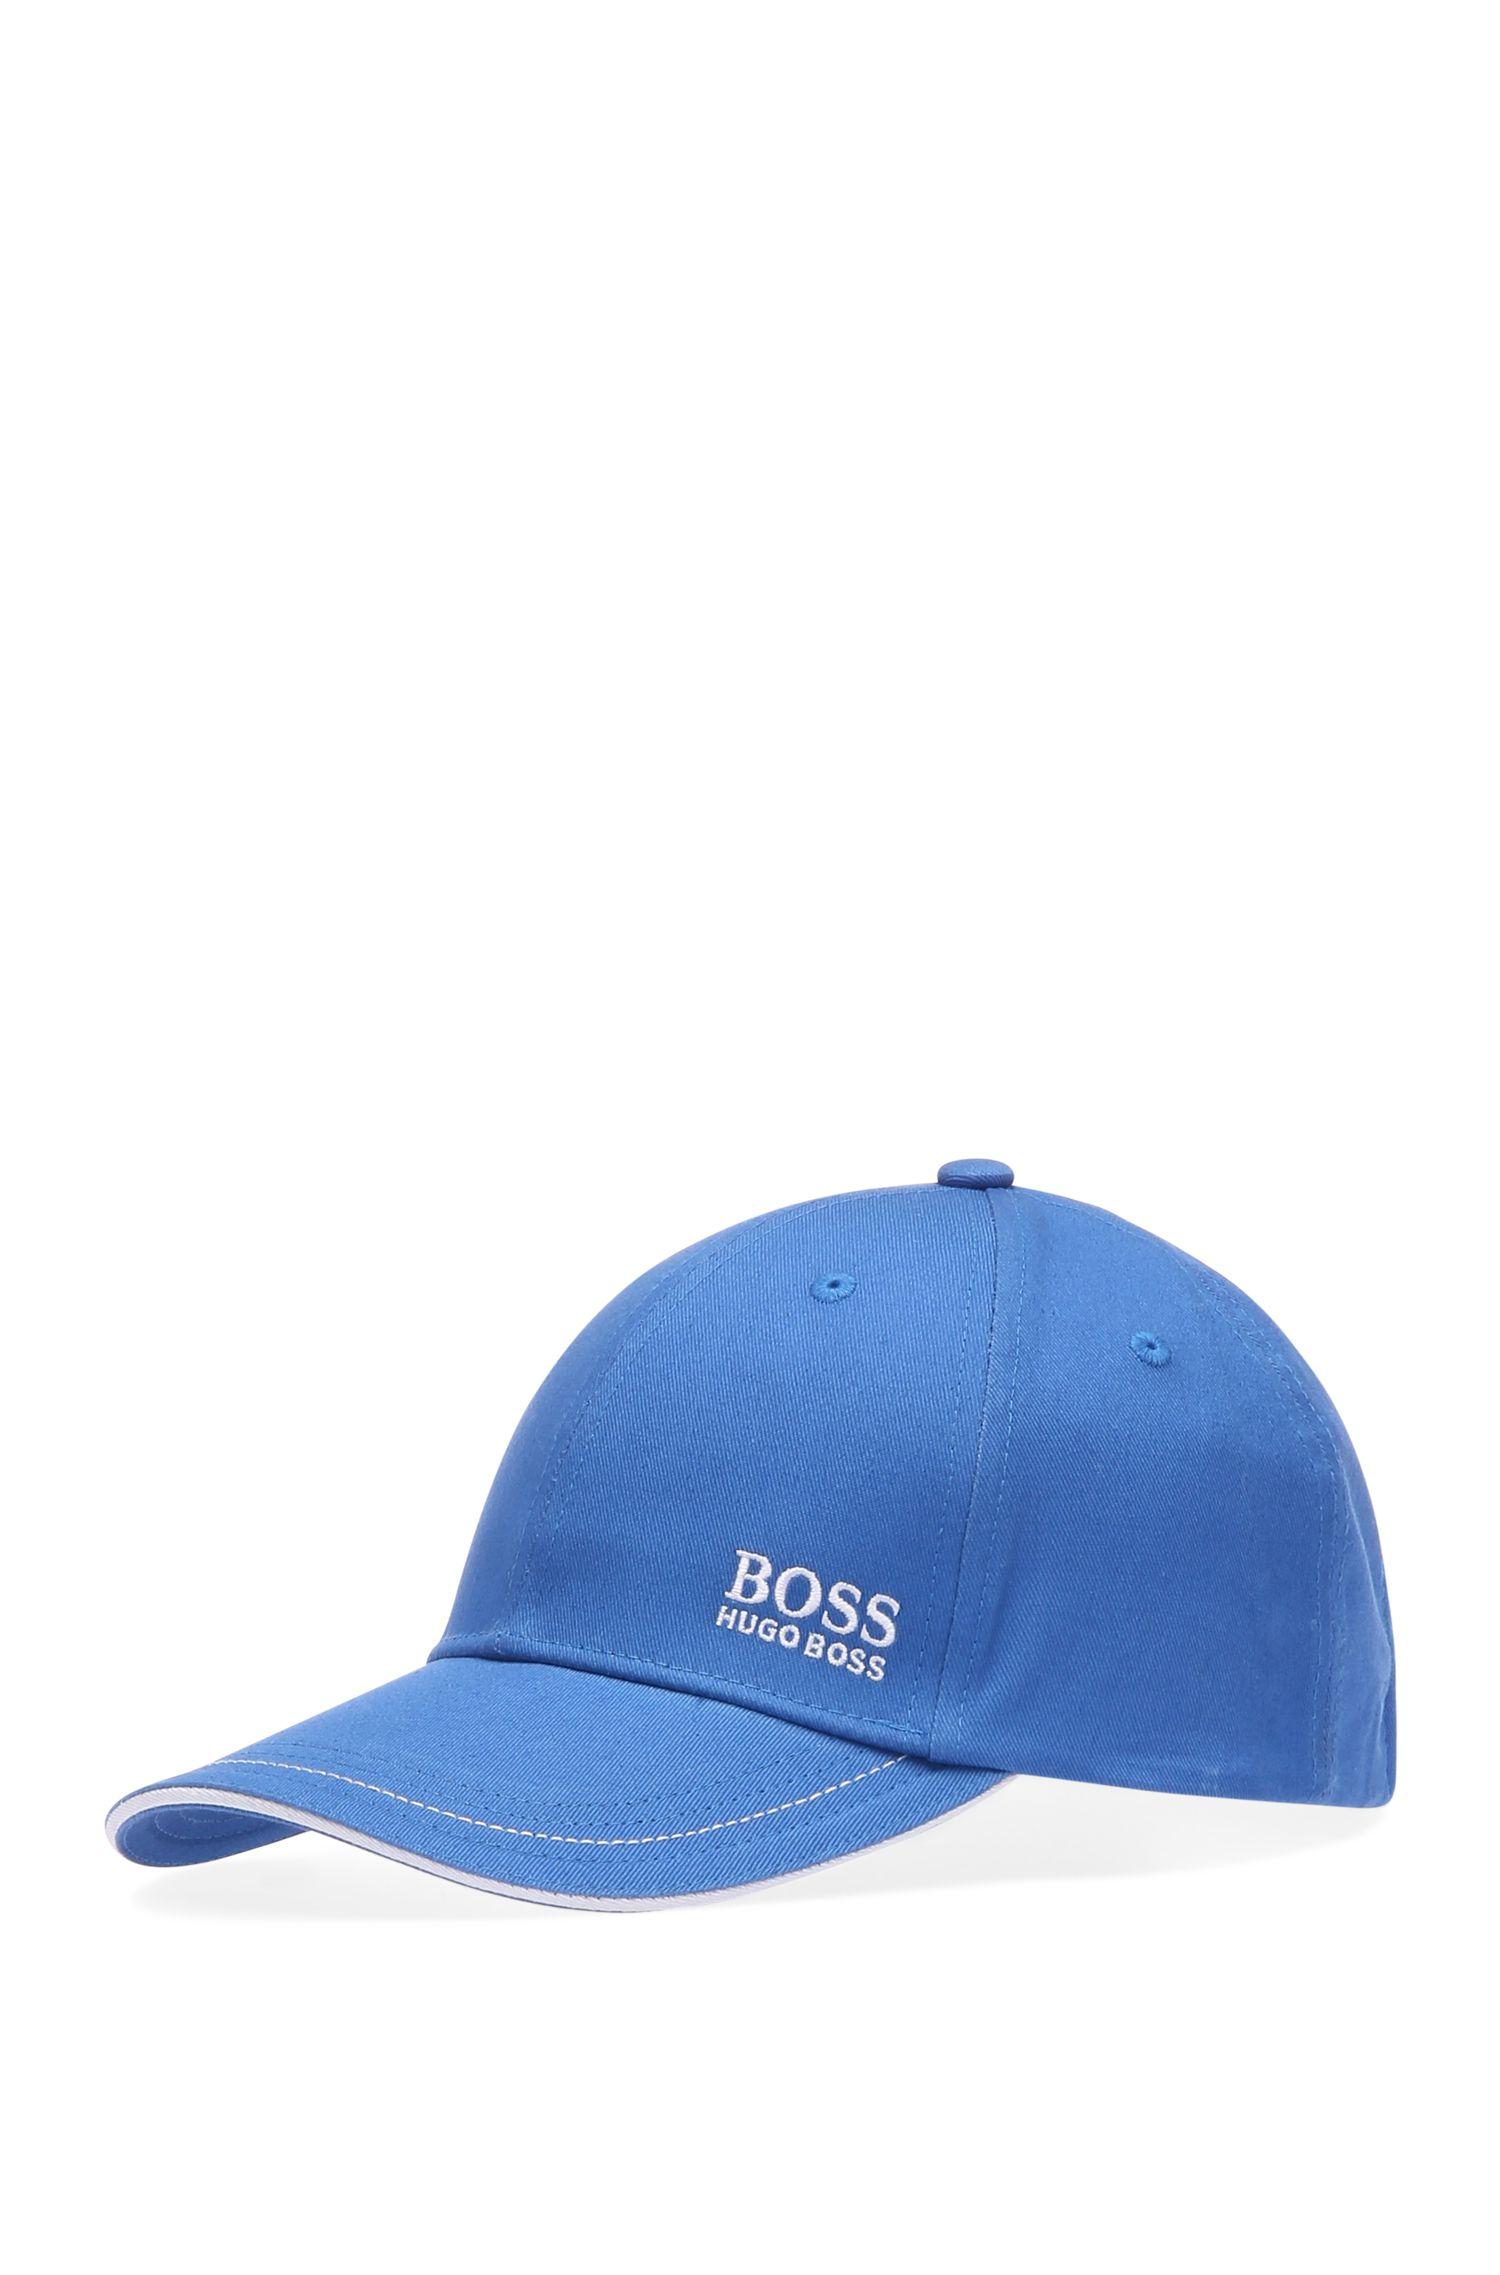 Cappellino da baseball in twill di cotone con logo ricamato